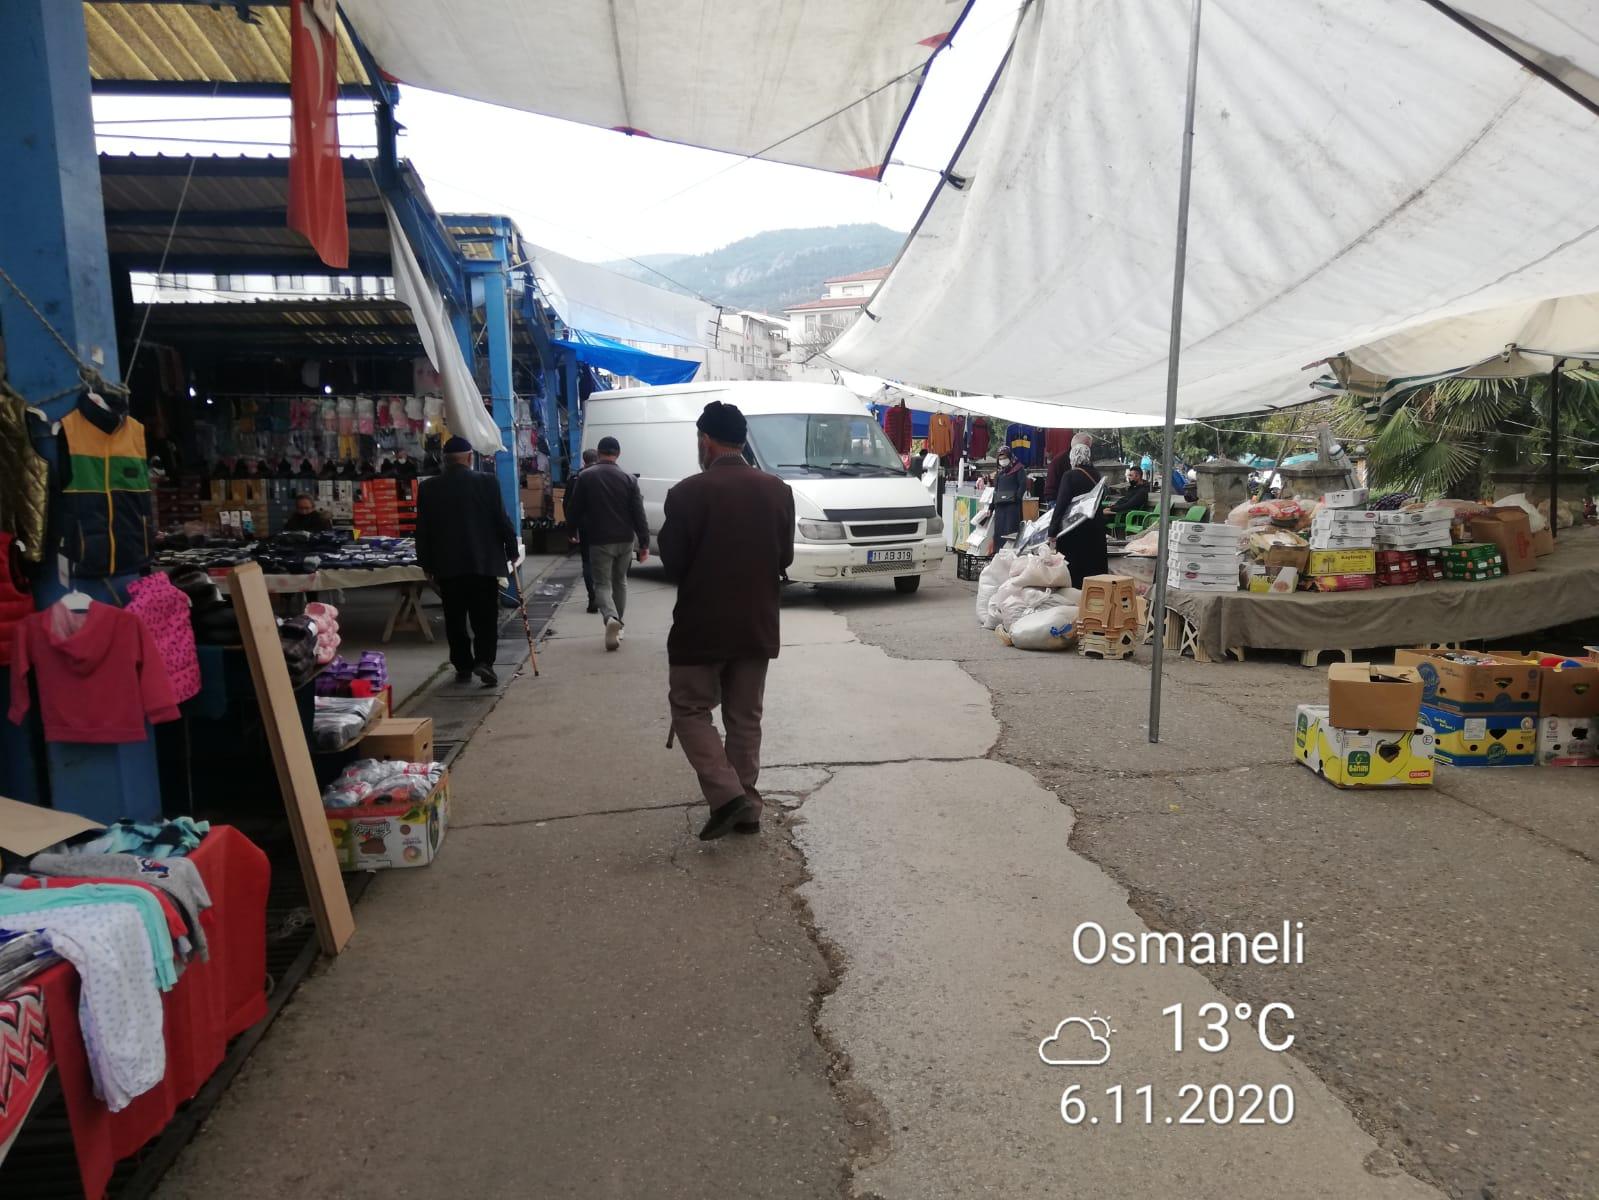 BU KAFAYLA OSMANELİ'DE KORONA BİTMEZ